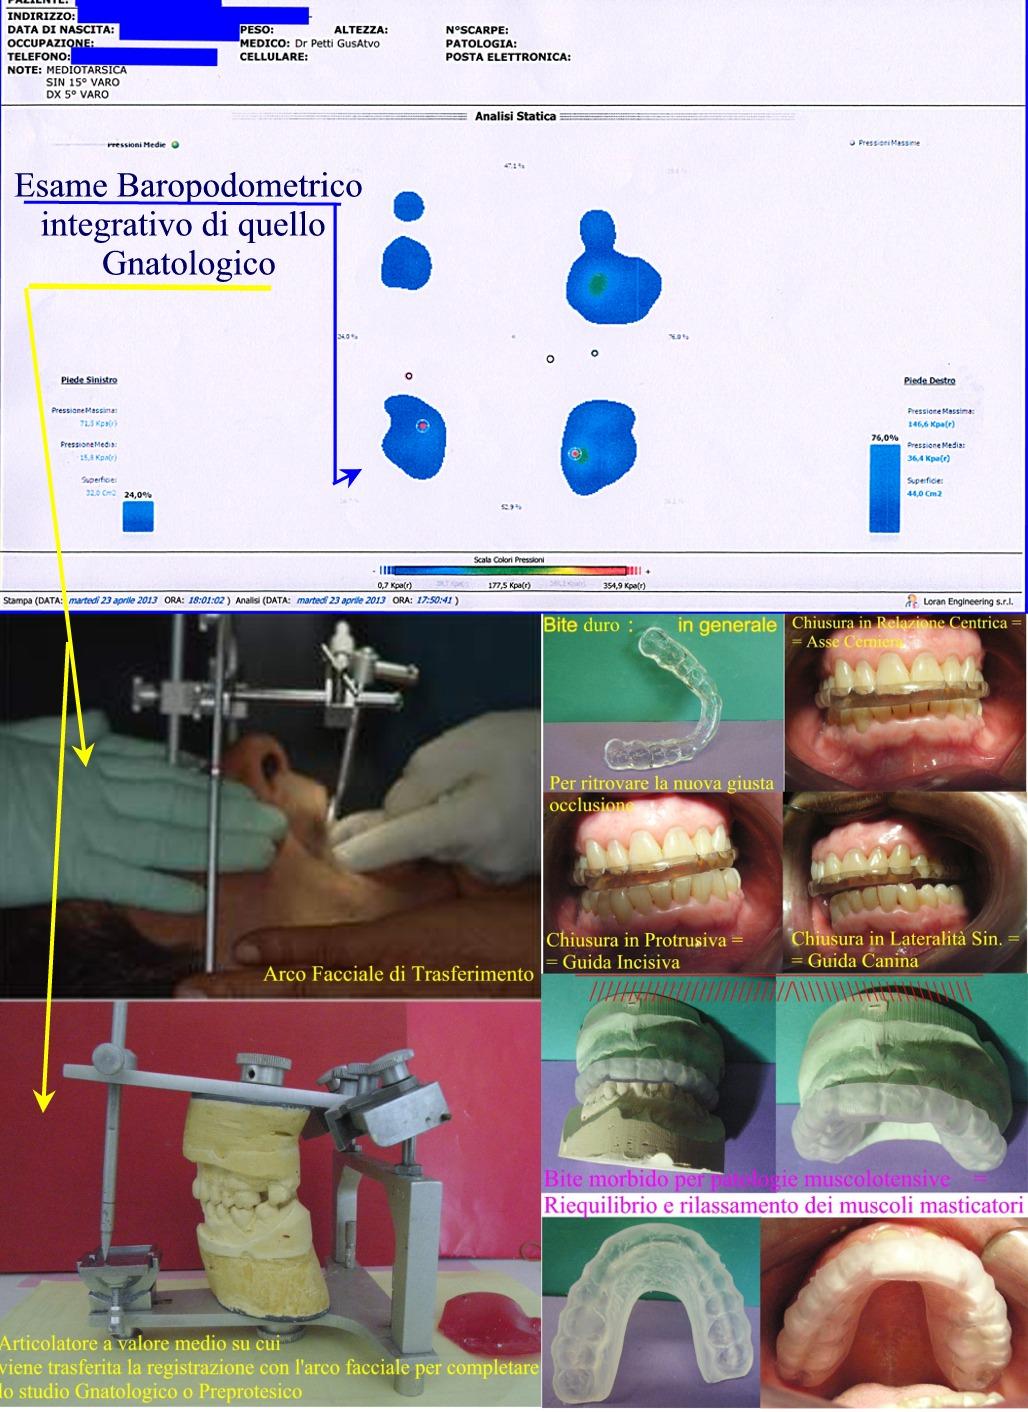 gnatologia-e-arco-facciale-e-bite150914.jpg